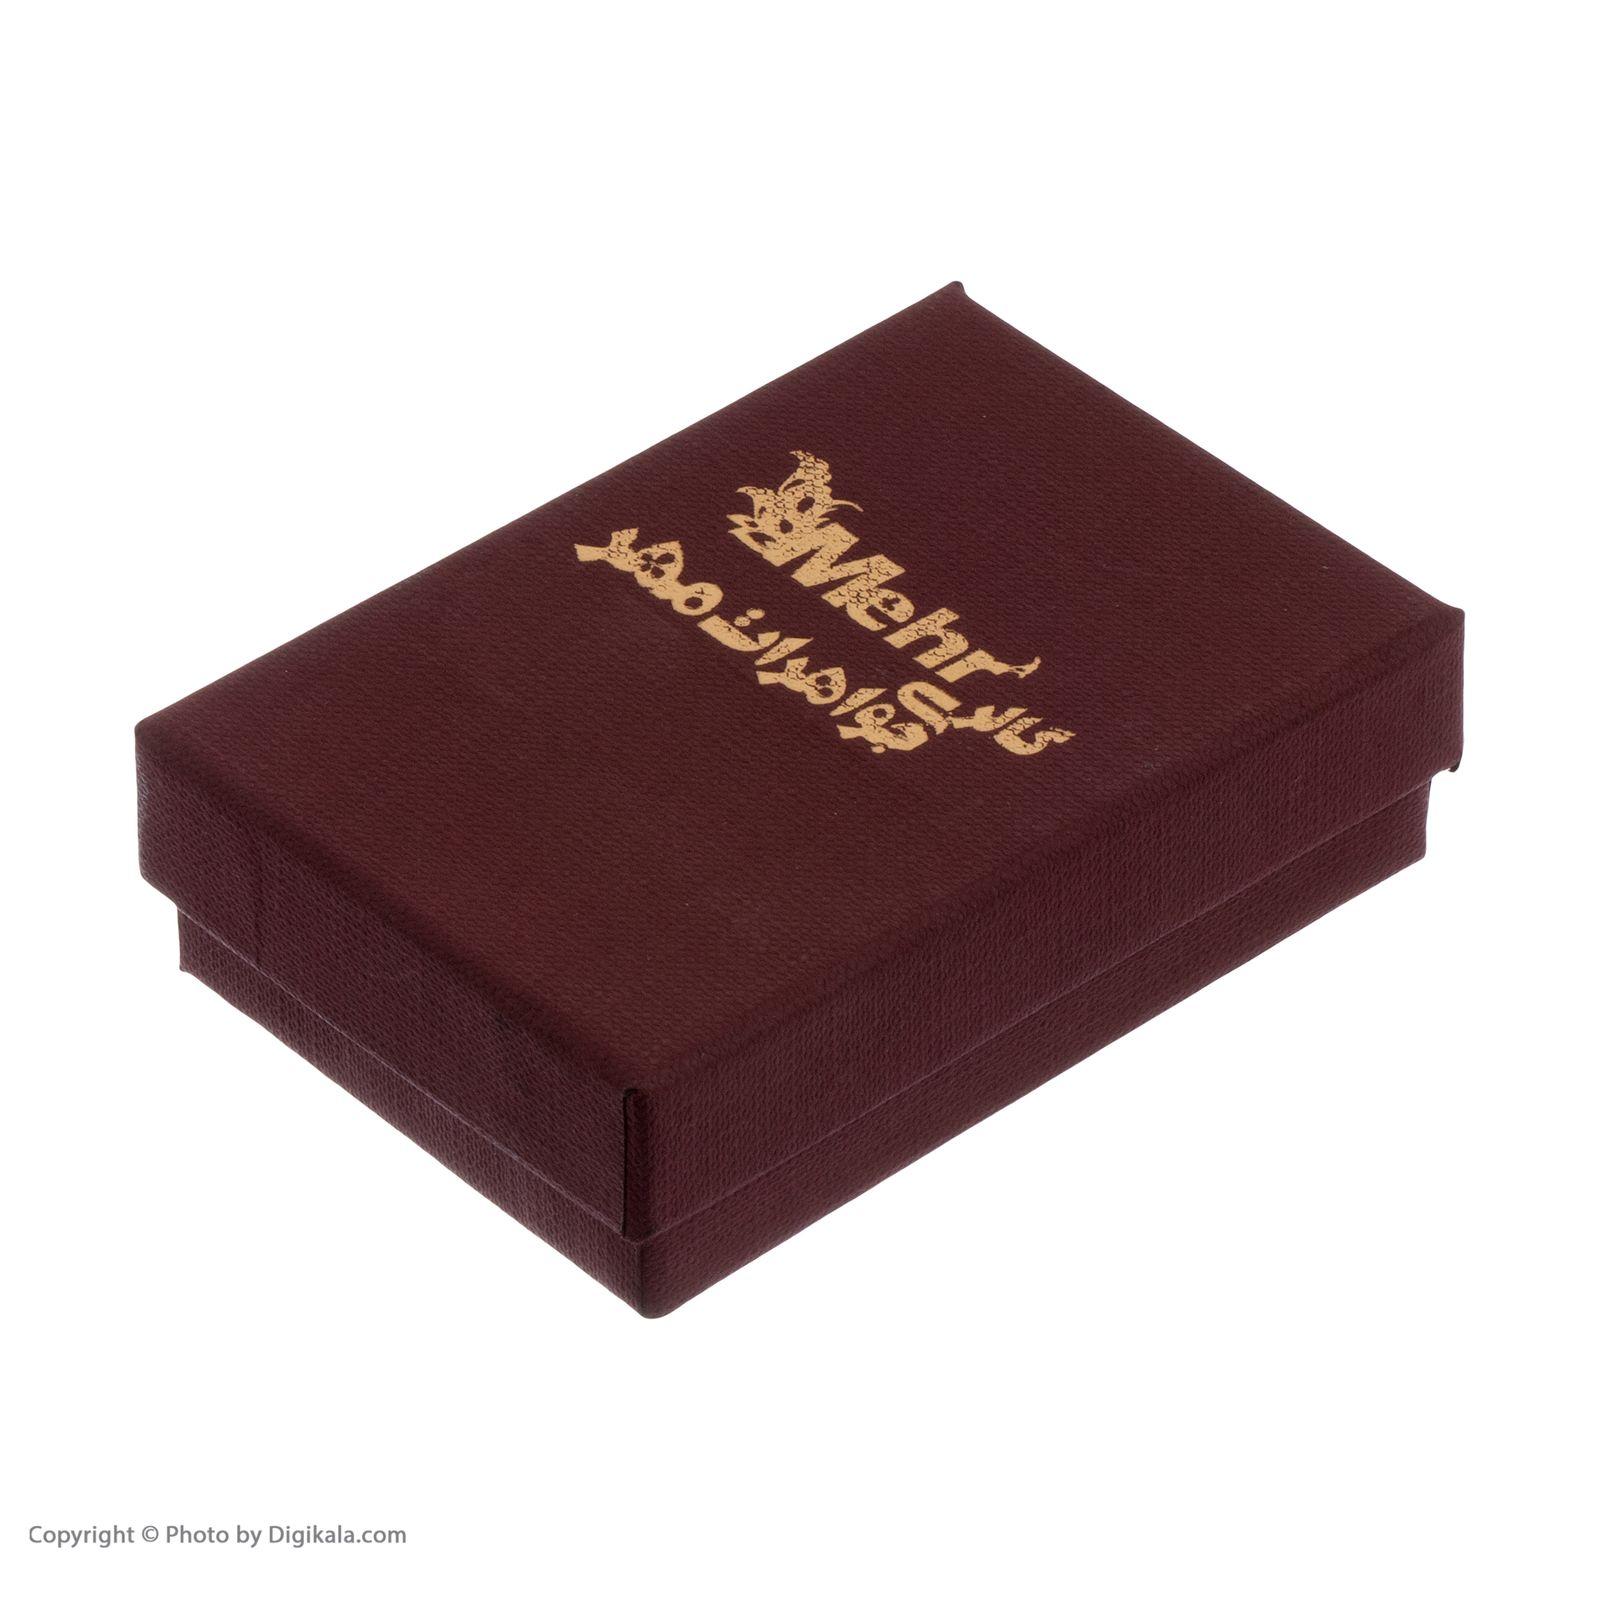 انگشتر طلا 18 عیار زنانه مایا ماهک مدل MR0377 -  - 6